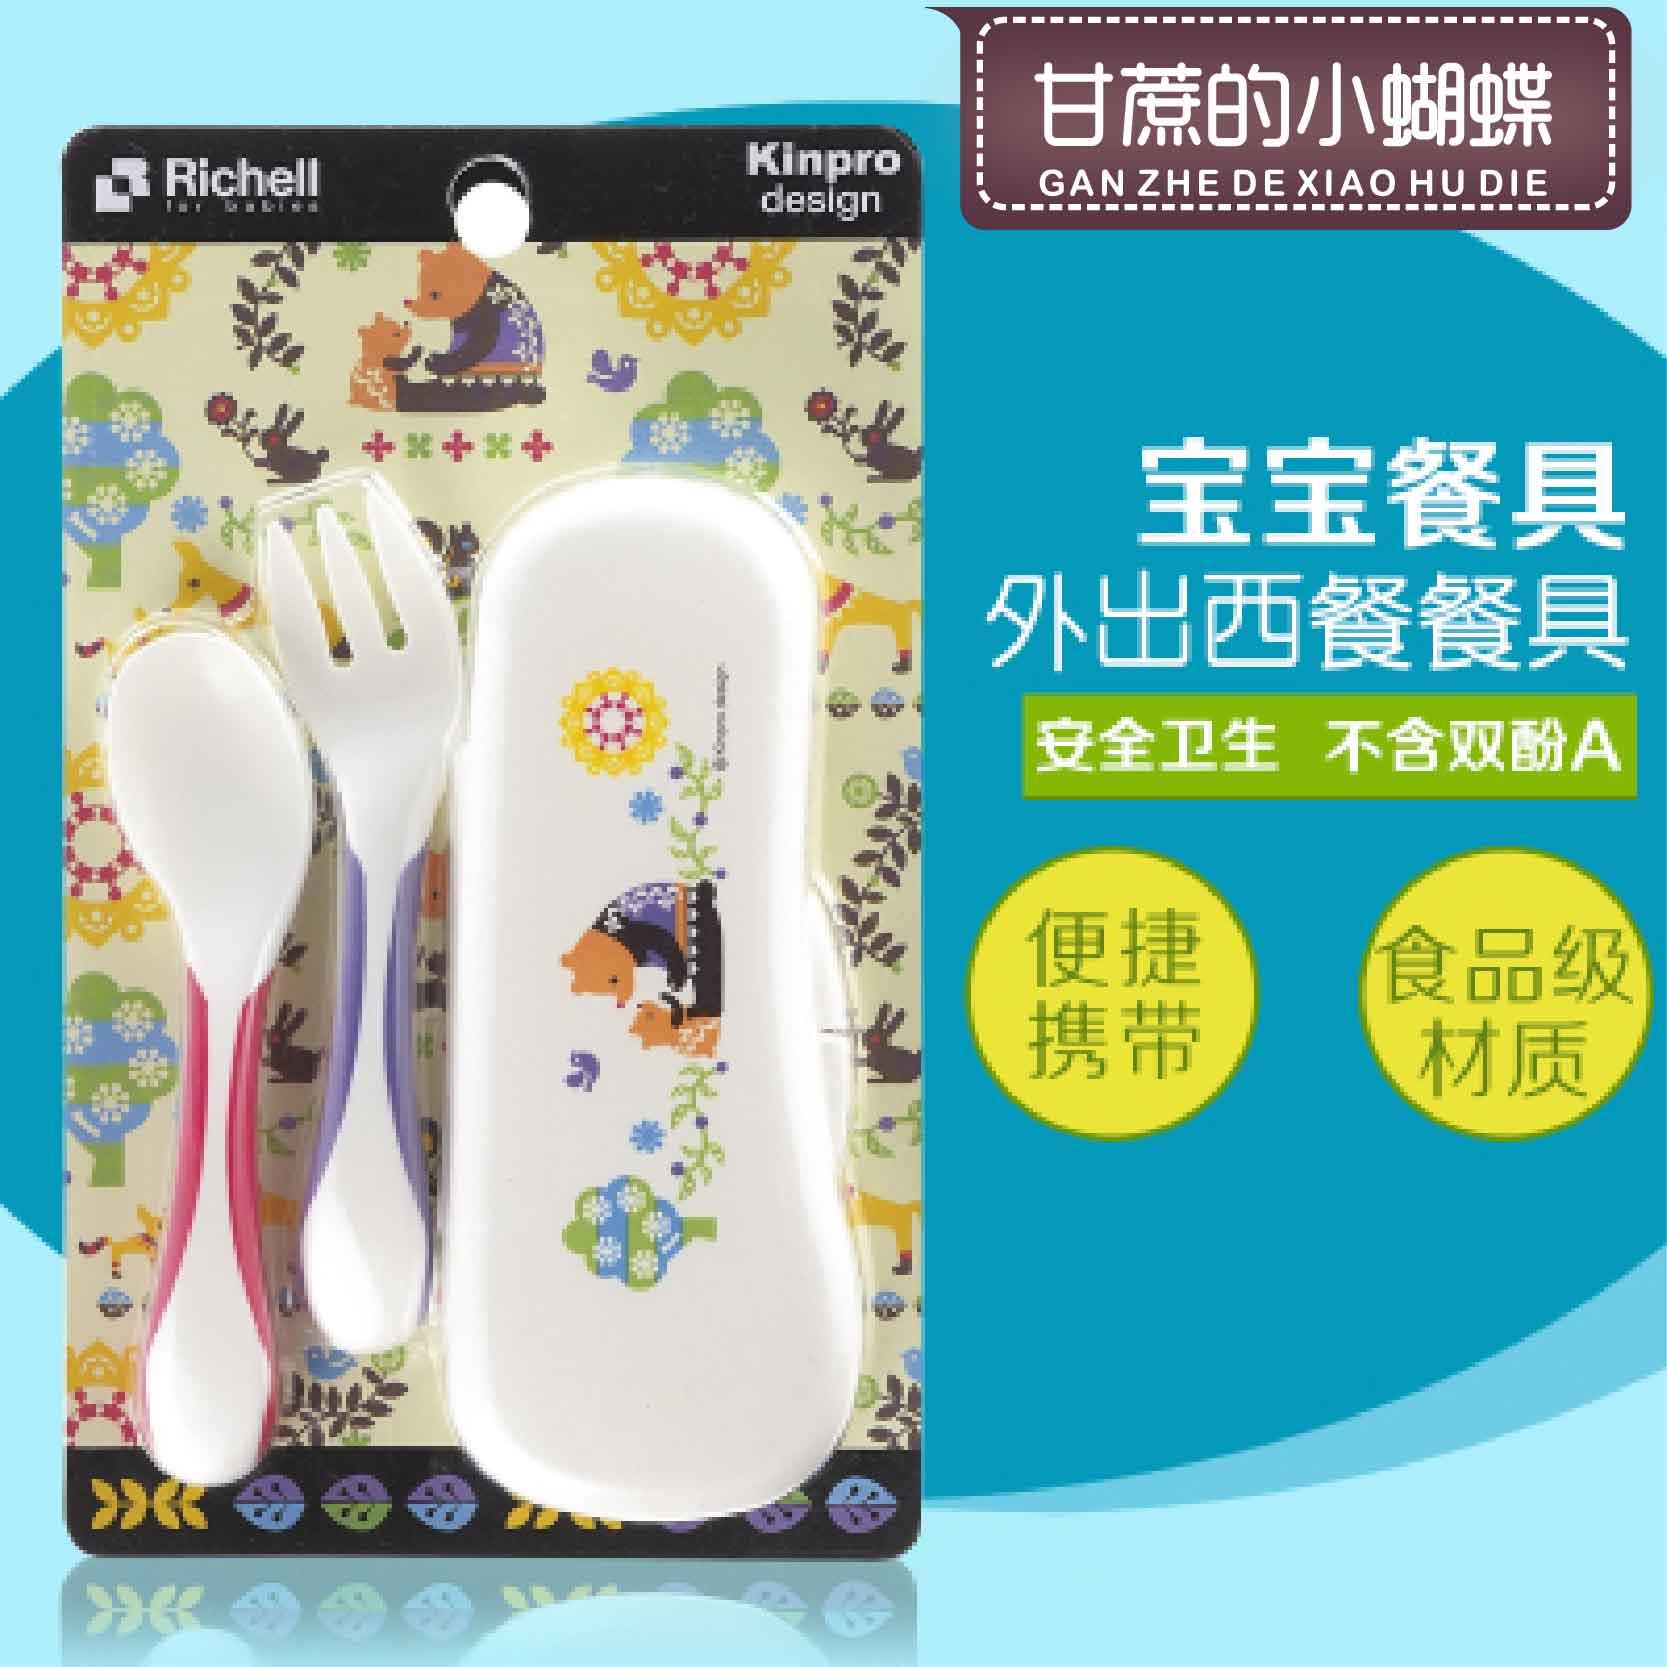 日本Richell利其爾嬰兒訓練叉勺套裝外帶兒童餐具寶寶輔食湯匙